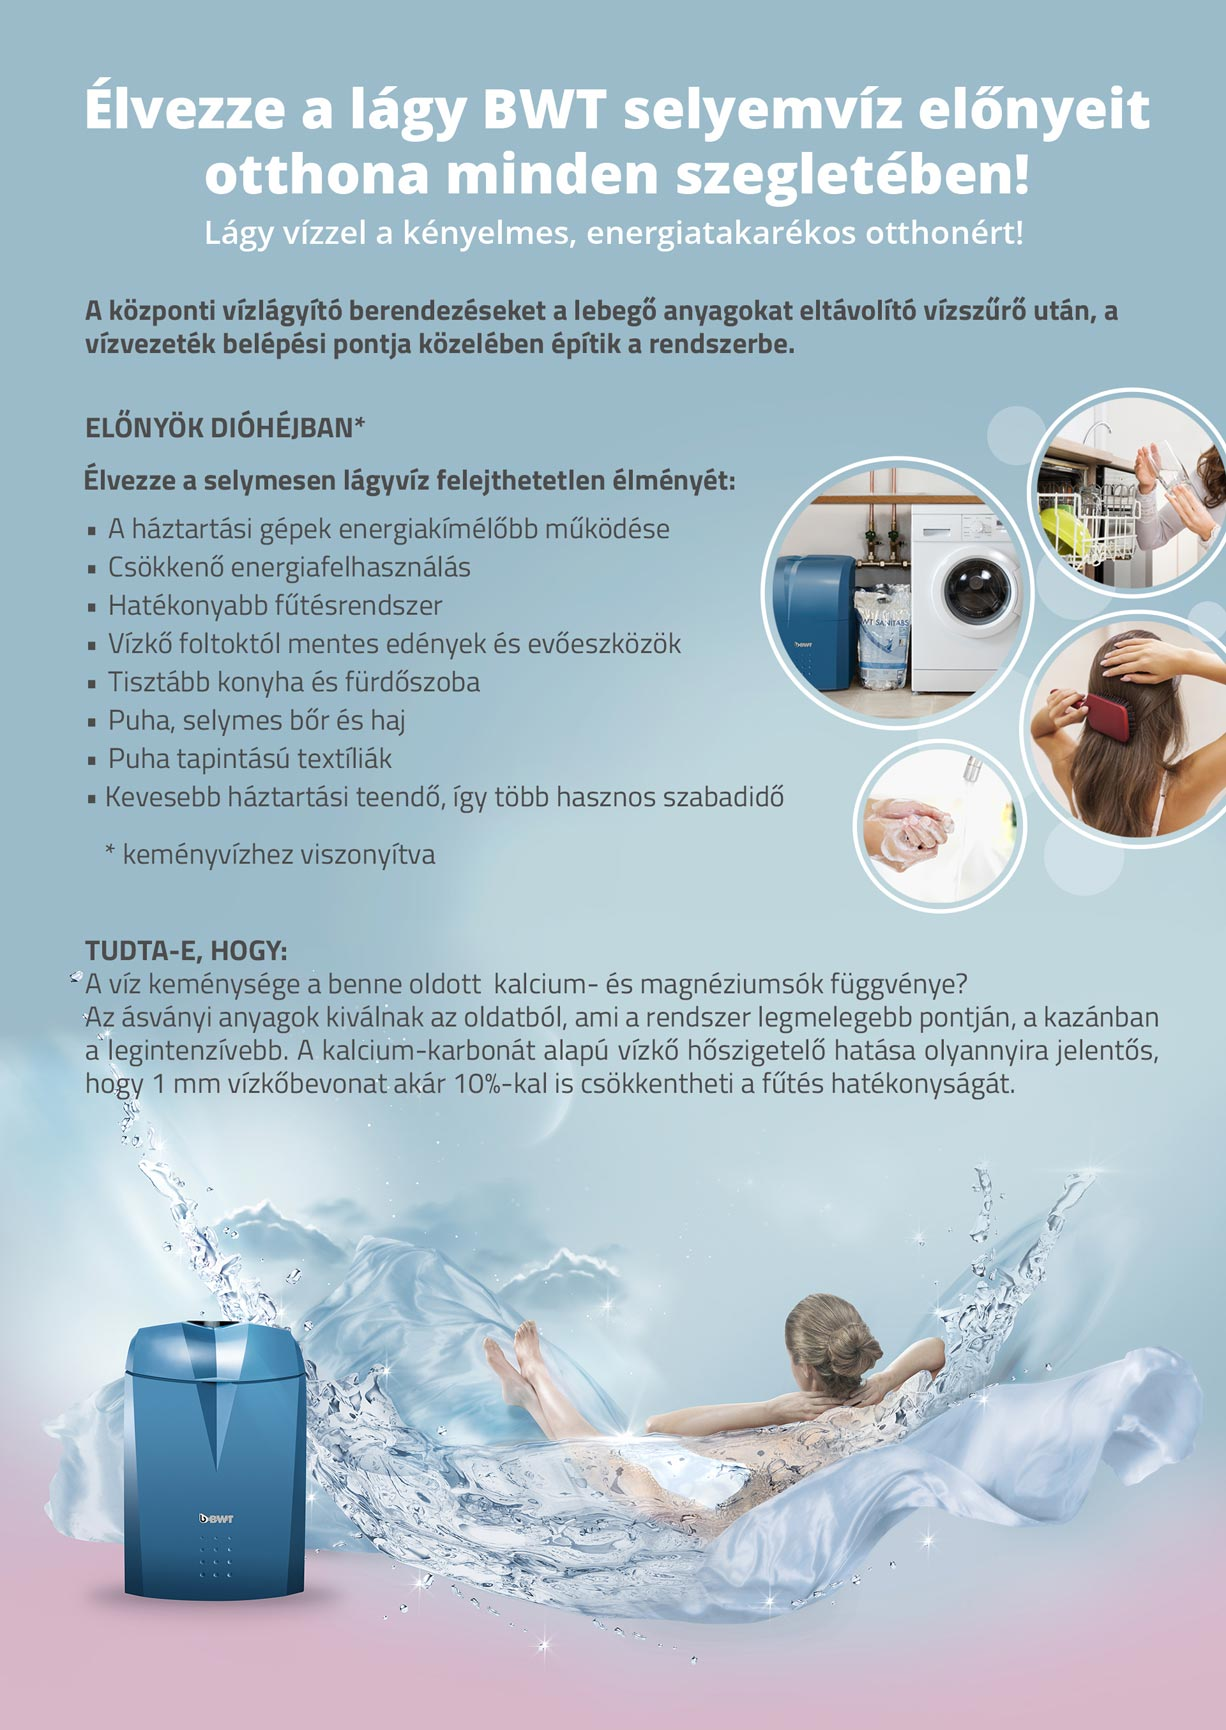 BWT vízlágyító berendezés előnyei